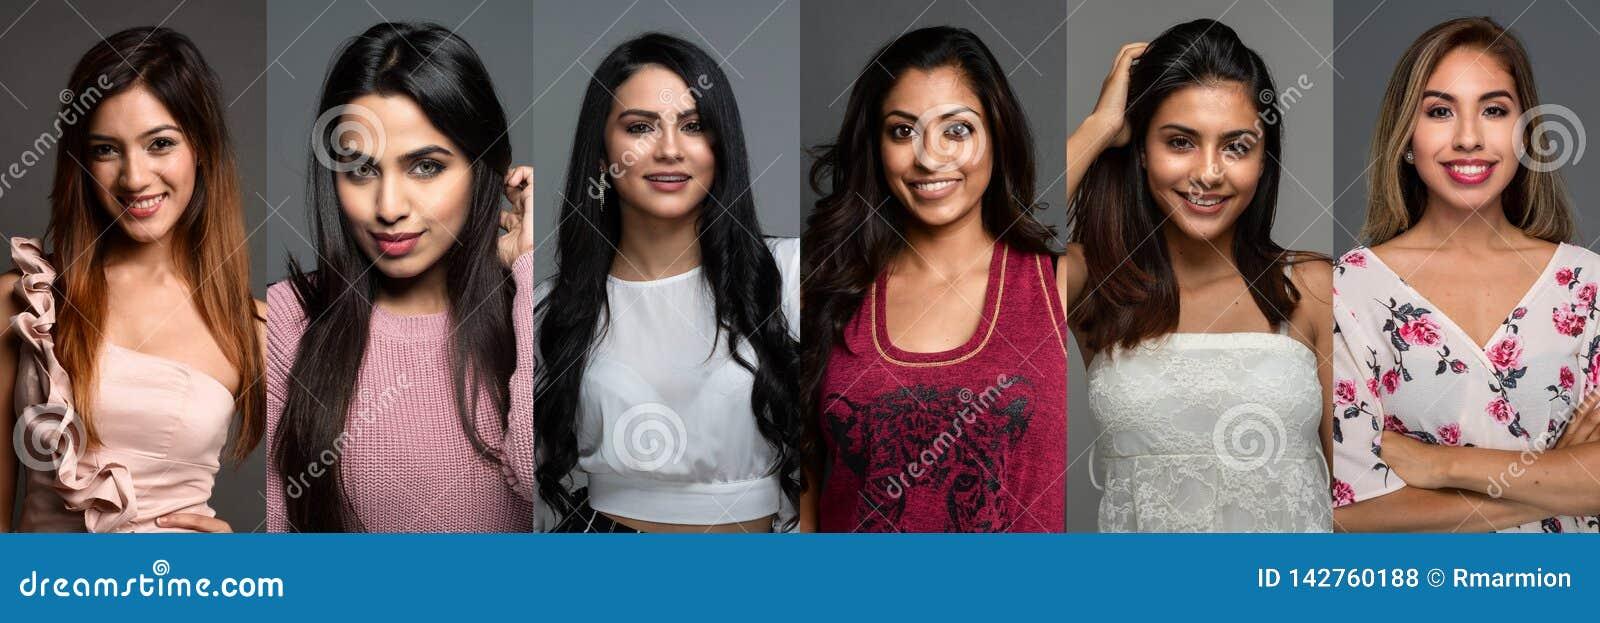 Mulheres indianas em um grupo